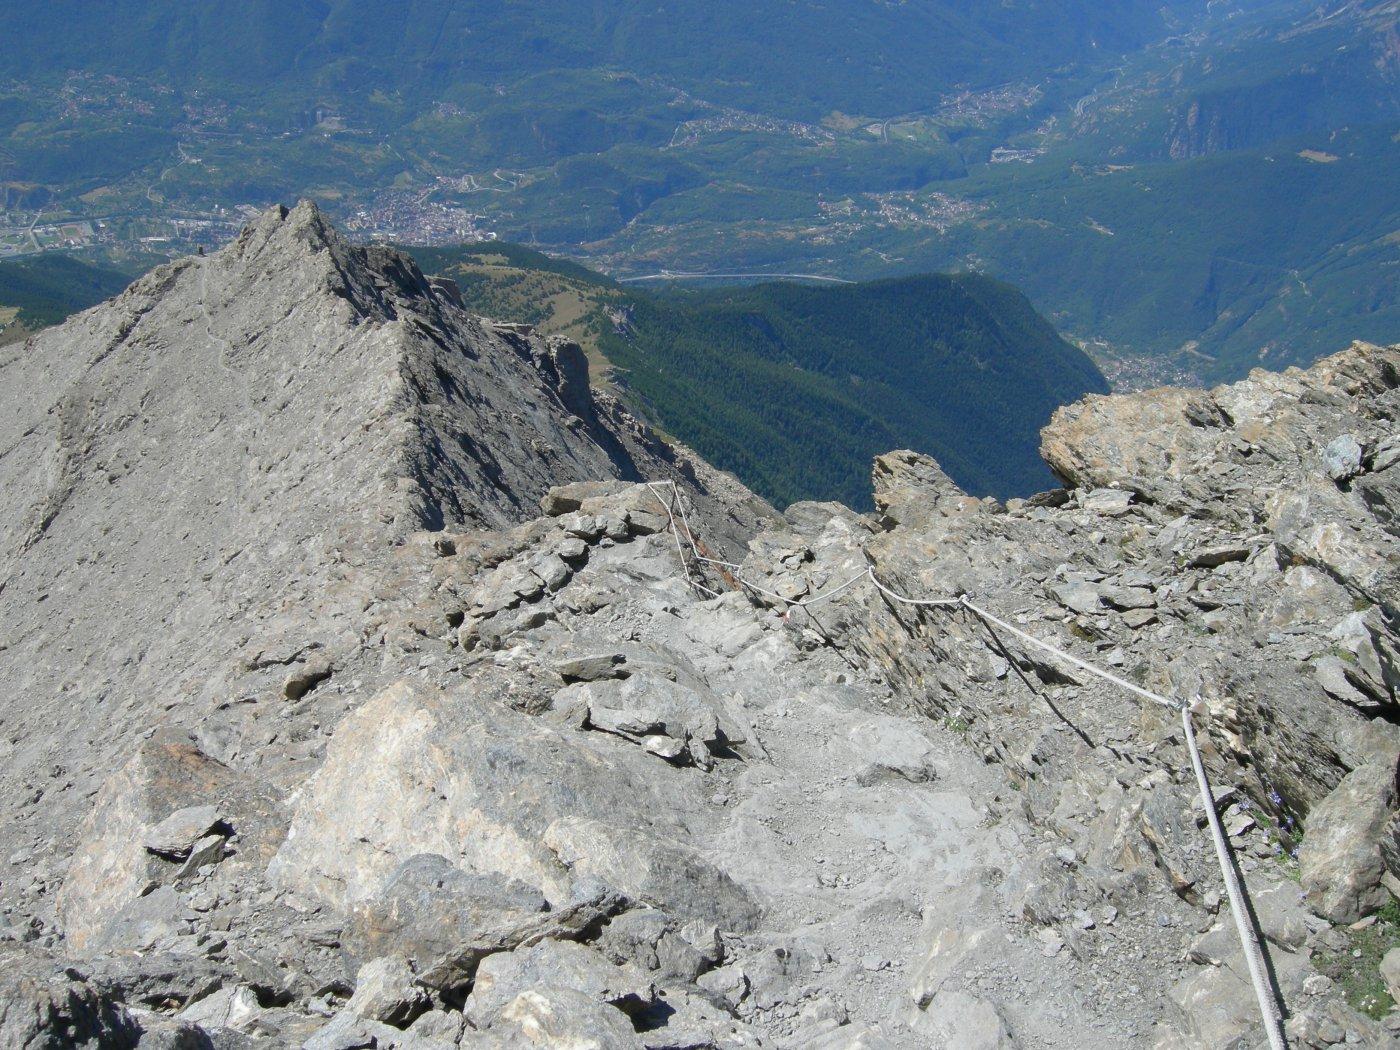 corde fisse nelle ultime rampe verso la cima